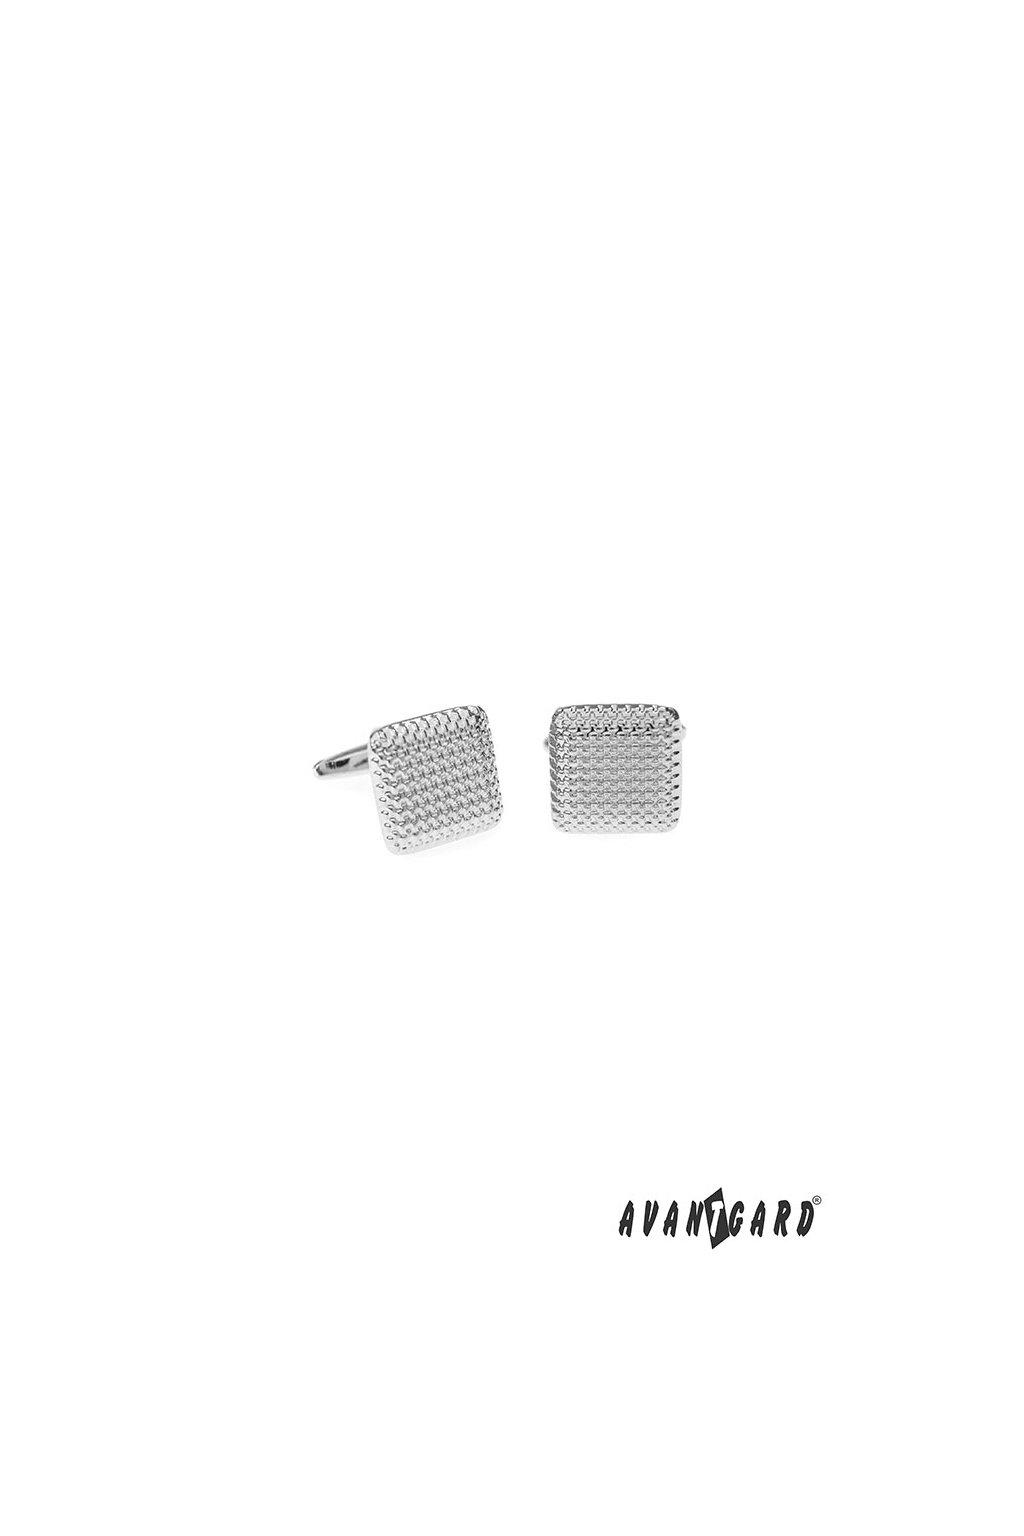 Manžetové knoflíčky PREMIUM stříbrná lesk 573 - 20635